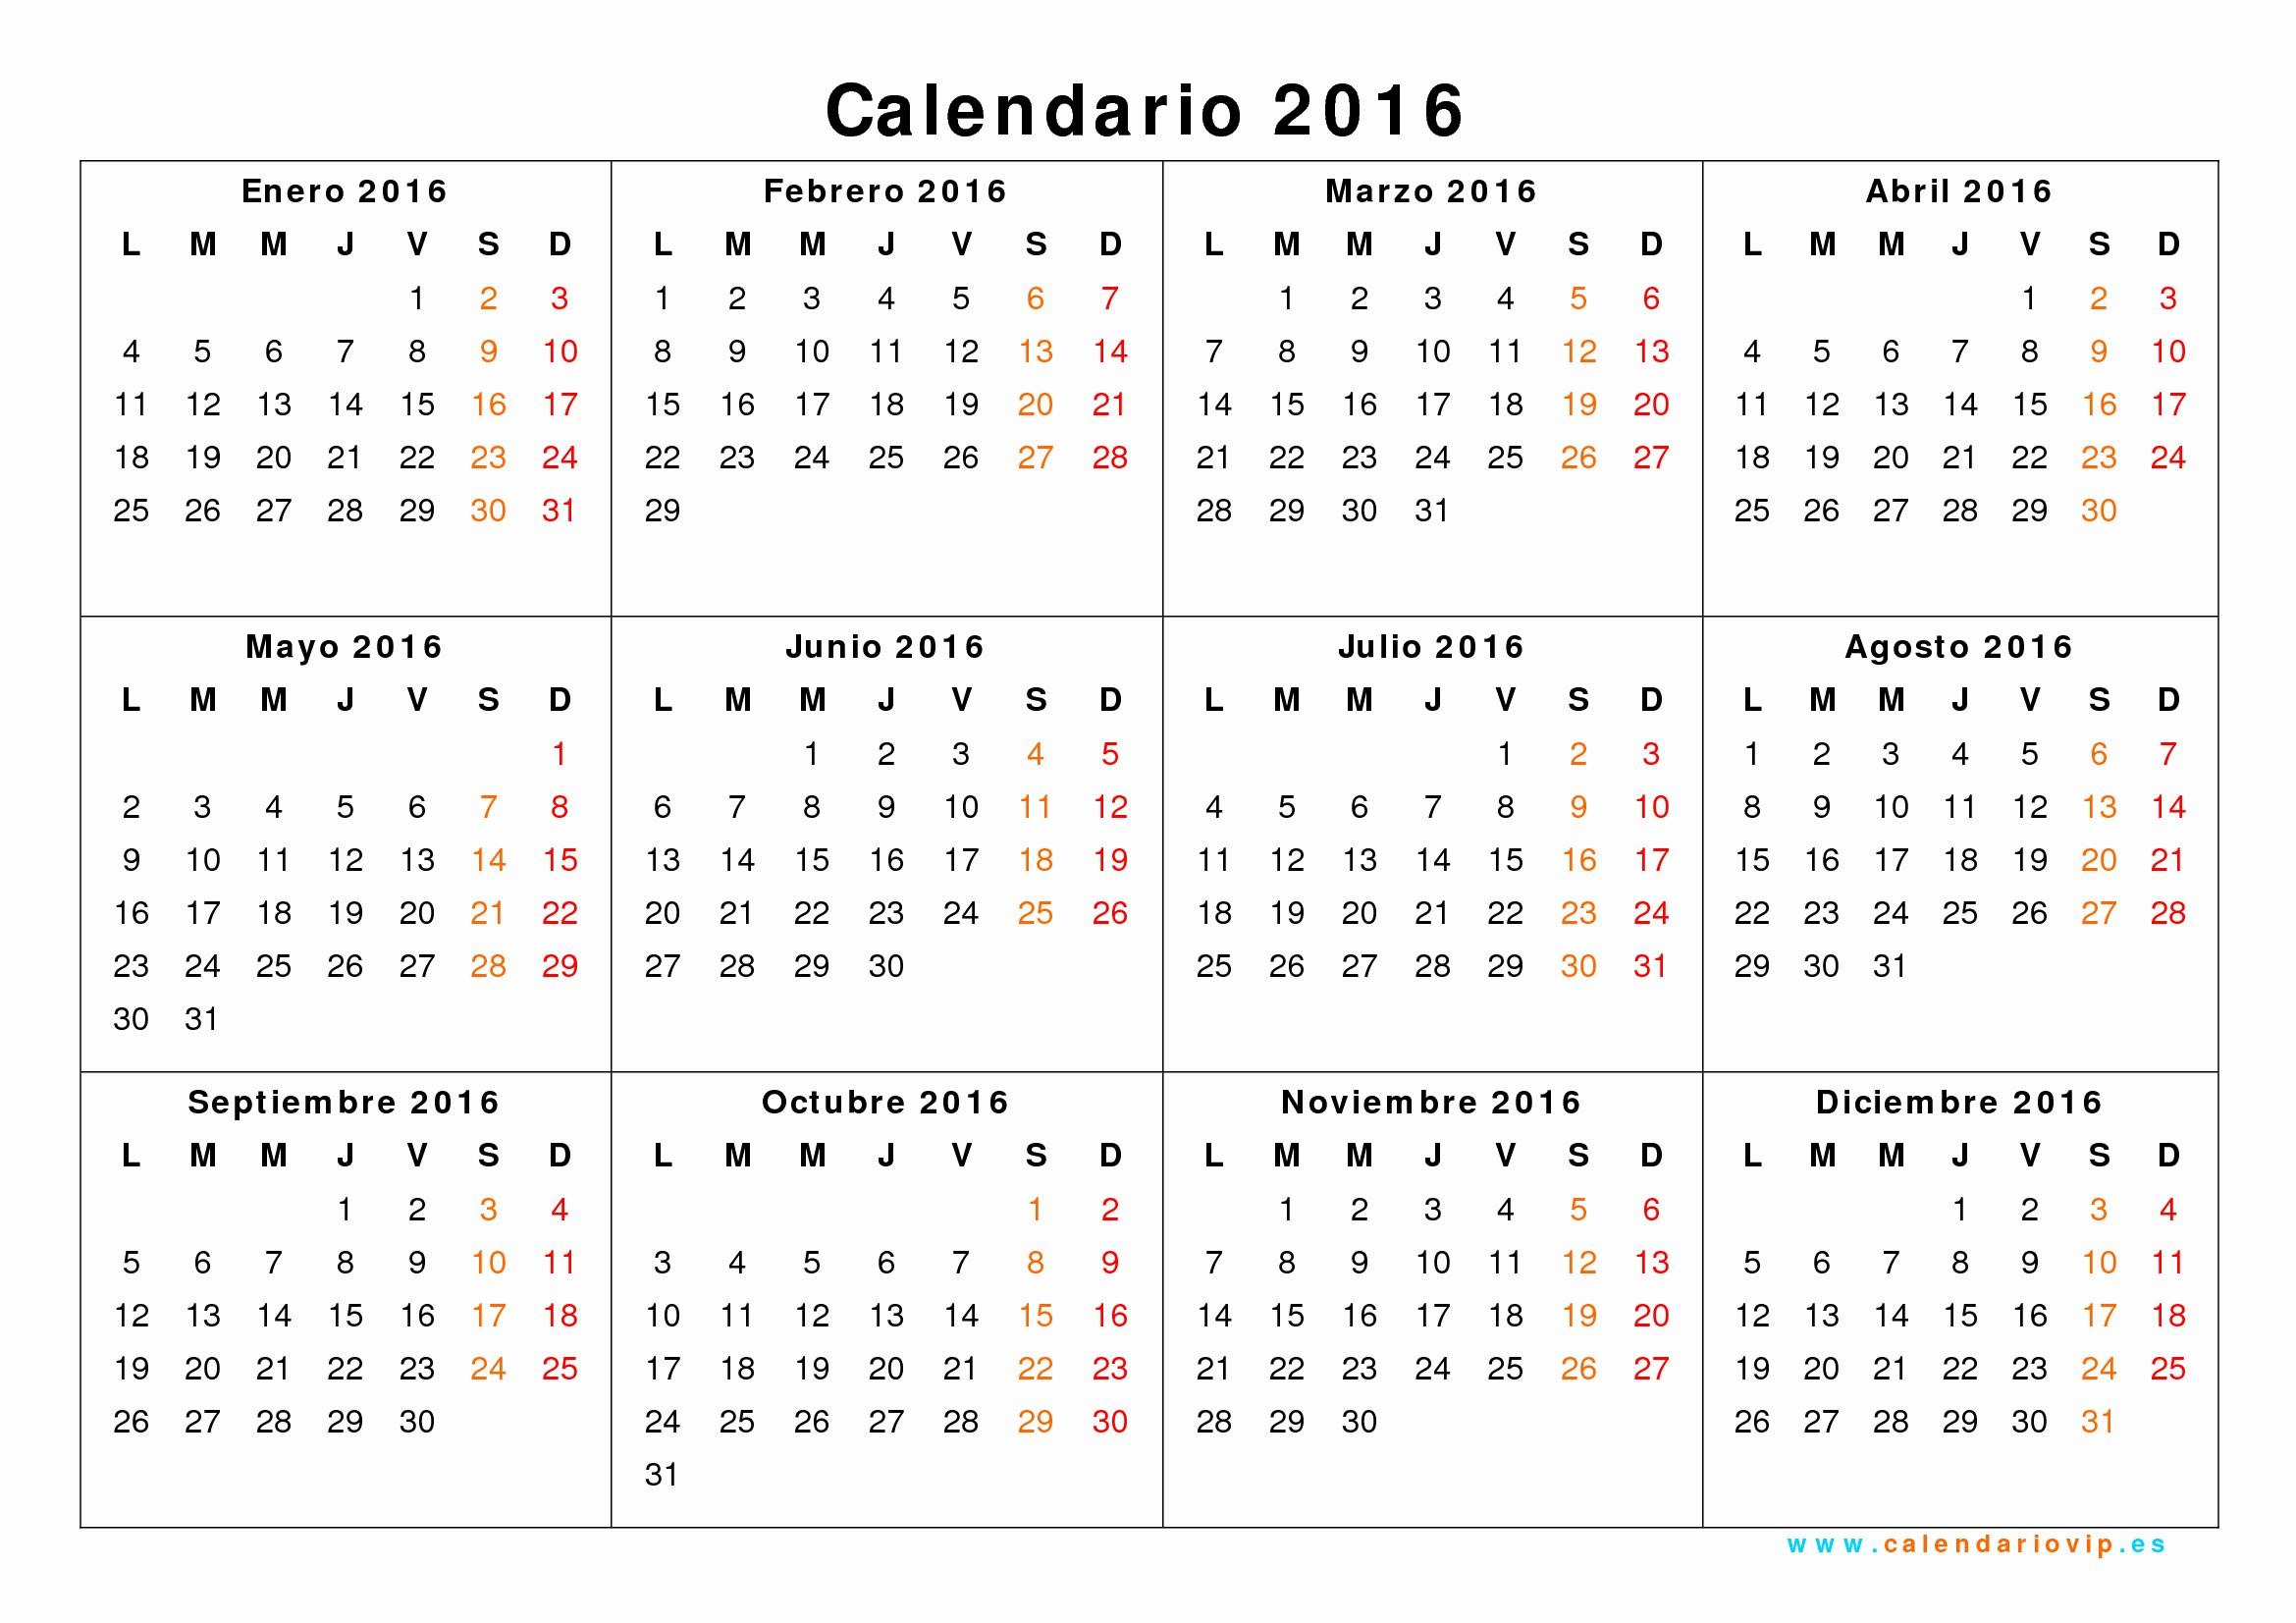 Calendario Anual 2017 Para Imprimir Unique Calendario 2016 Para Imprimir Gratis